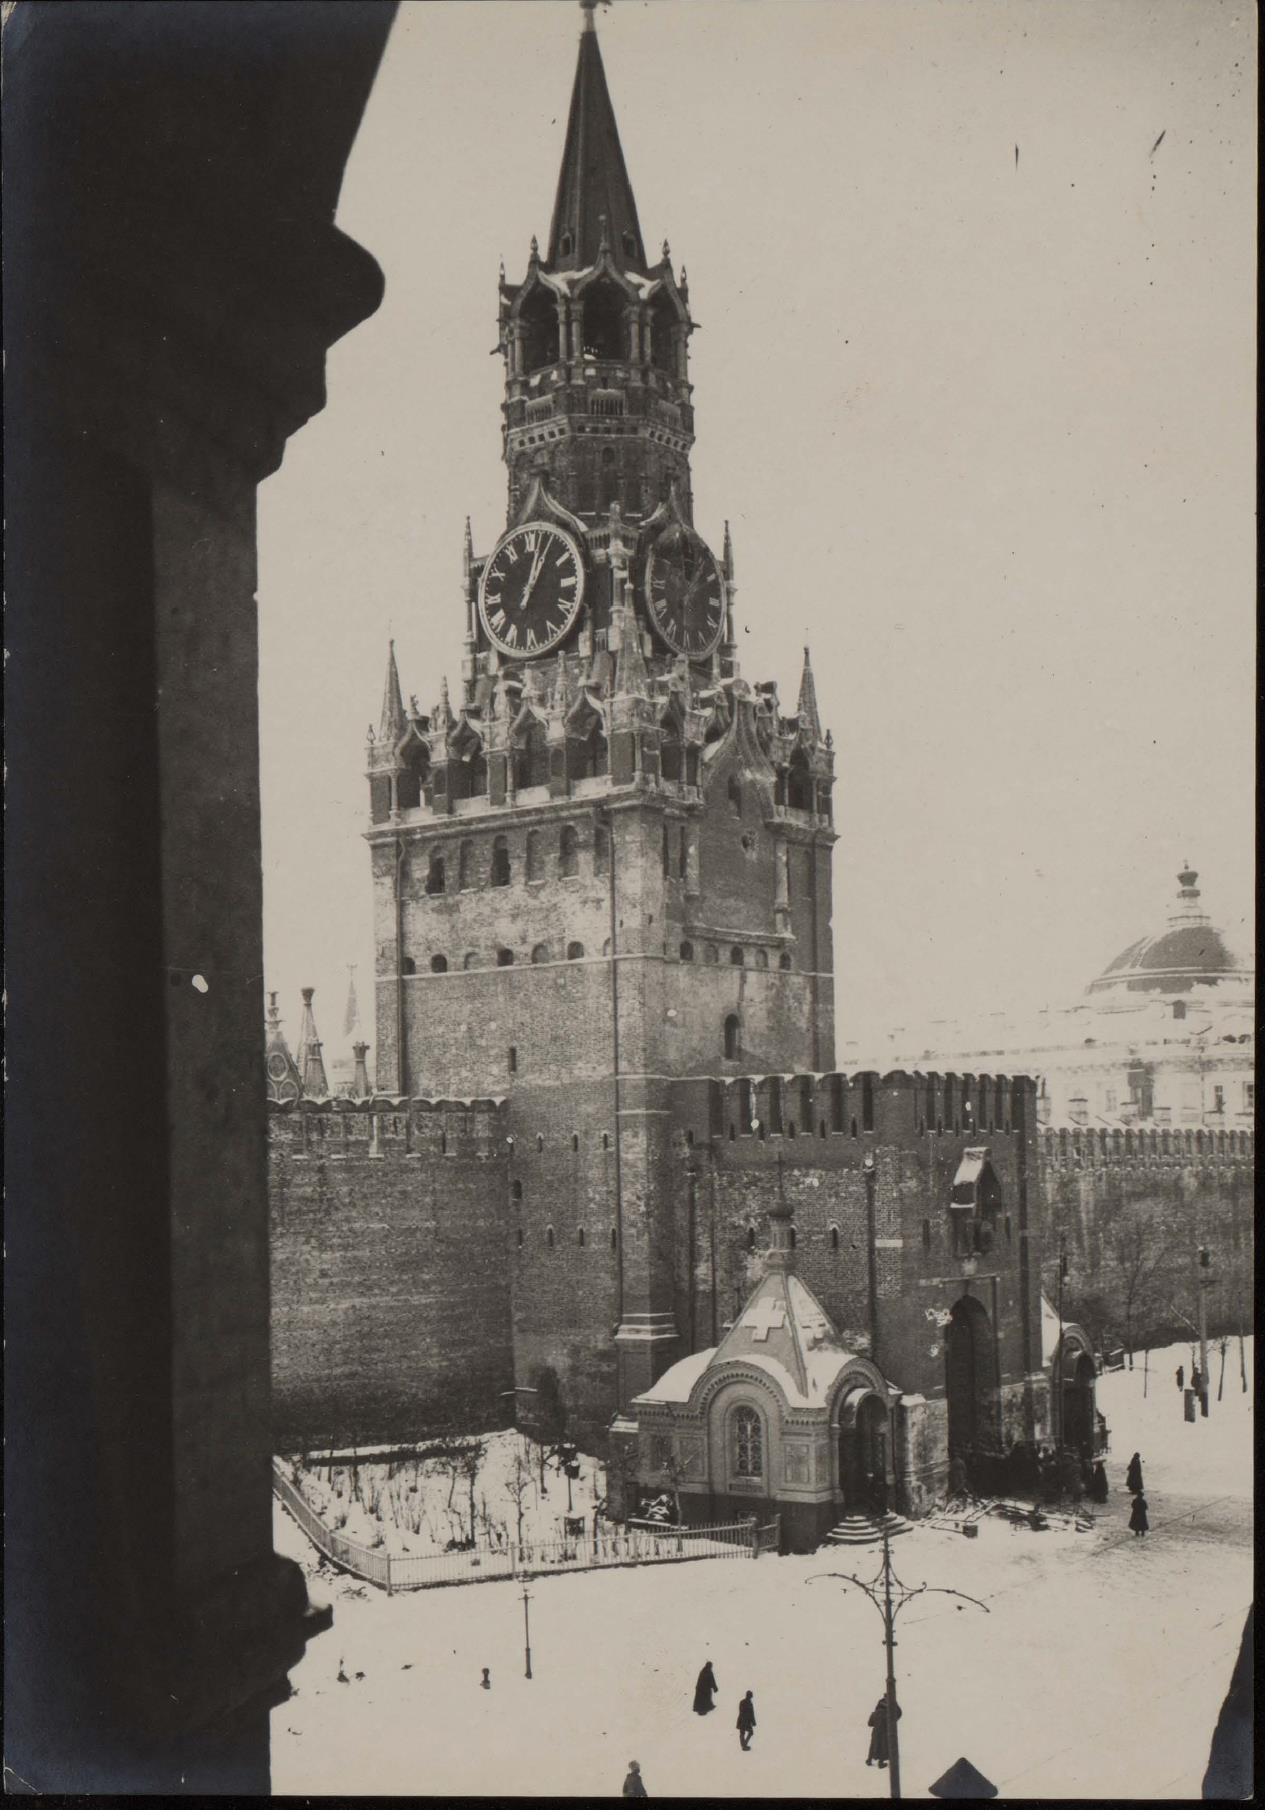 07. Спасская башня Кремля